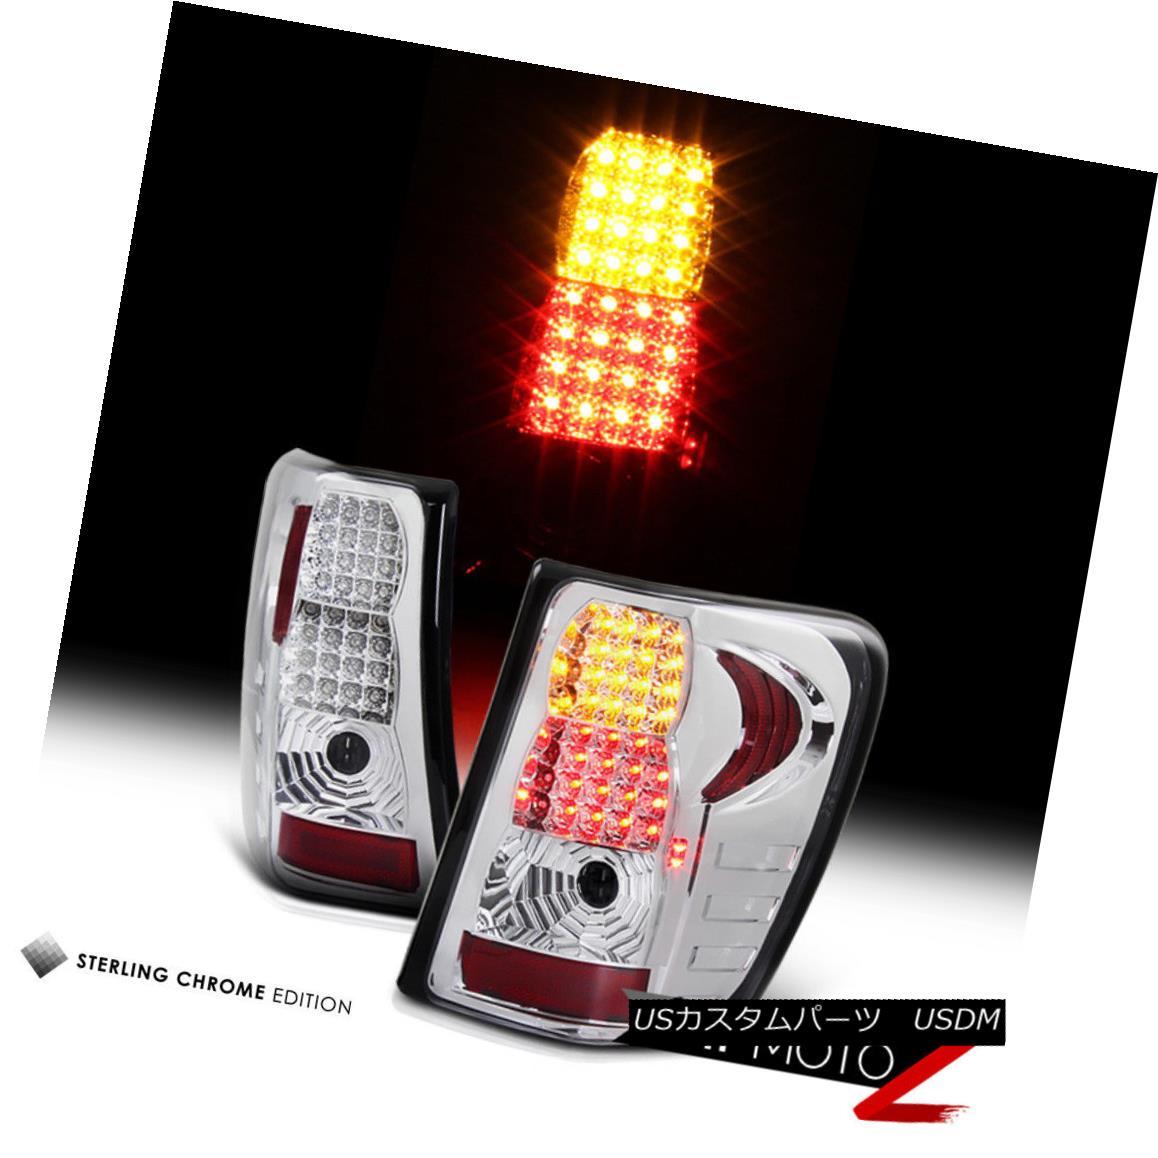 テールライト 99-04 Chrome Jeep Grand Cherokee 99-04 Chrome Left+Right LED Clear Tail Light Signal Lamp Left+Right Set 99-04ジープグランドチェロキークロムLEDクリアテールライト信号ランプ左+右セット, sorfege:bfe07ed6 --- officewill.xsrv.jp